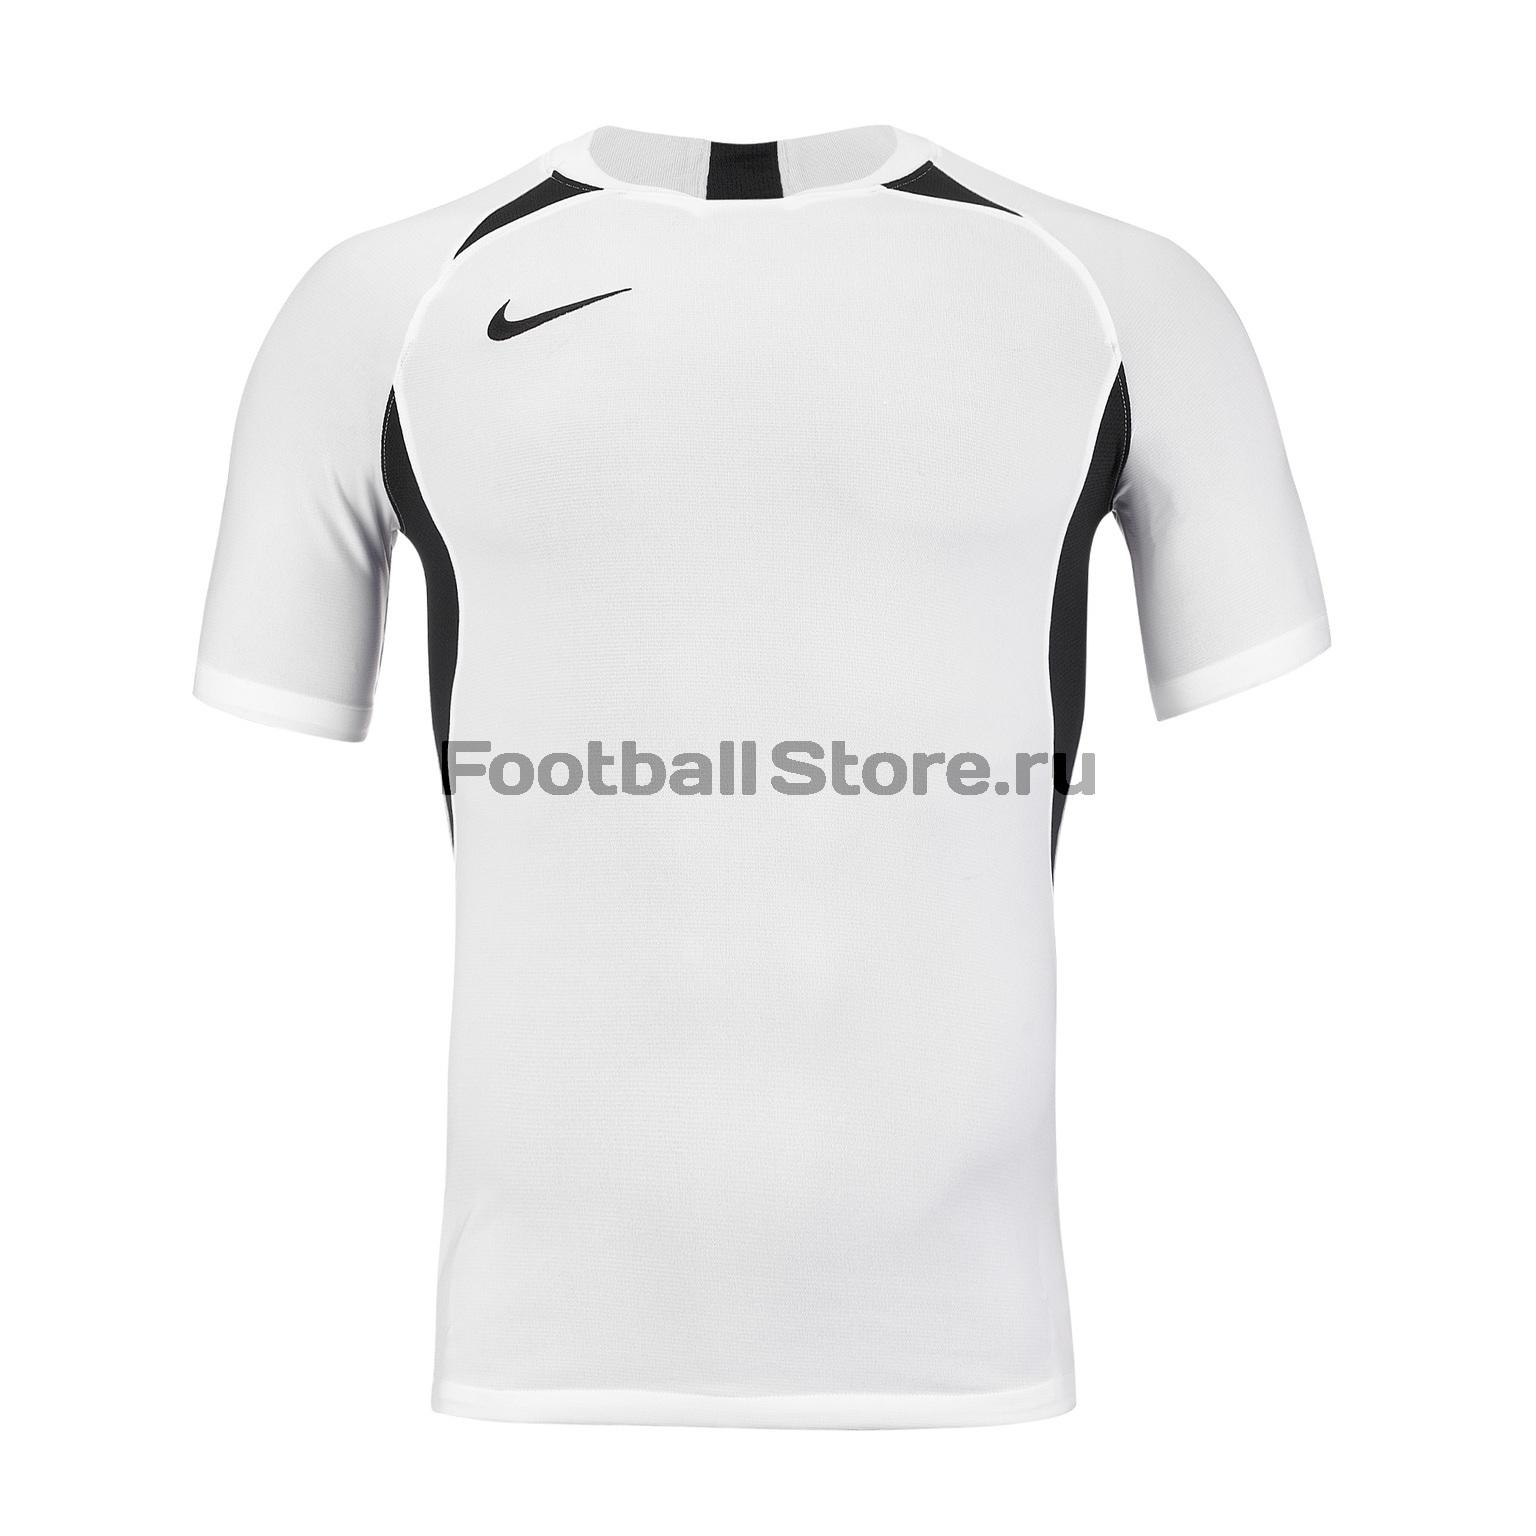 Футболка игровая Nike Dry Legend JSY SS AJ0998-100 свитер детский nike 644469 100 dash ss 644469 100